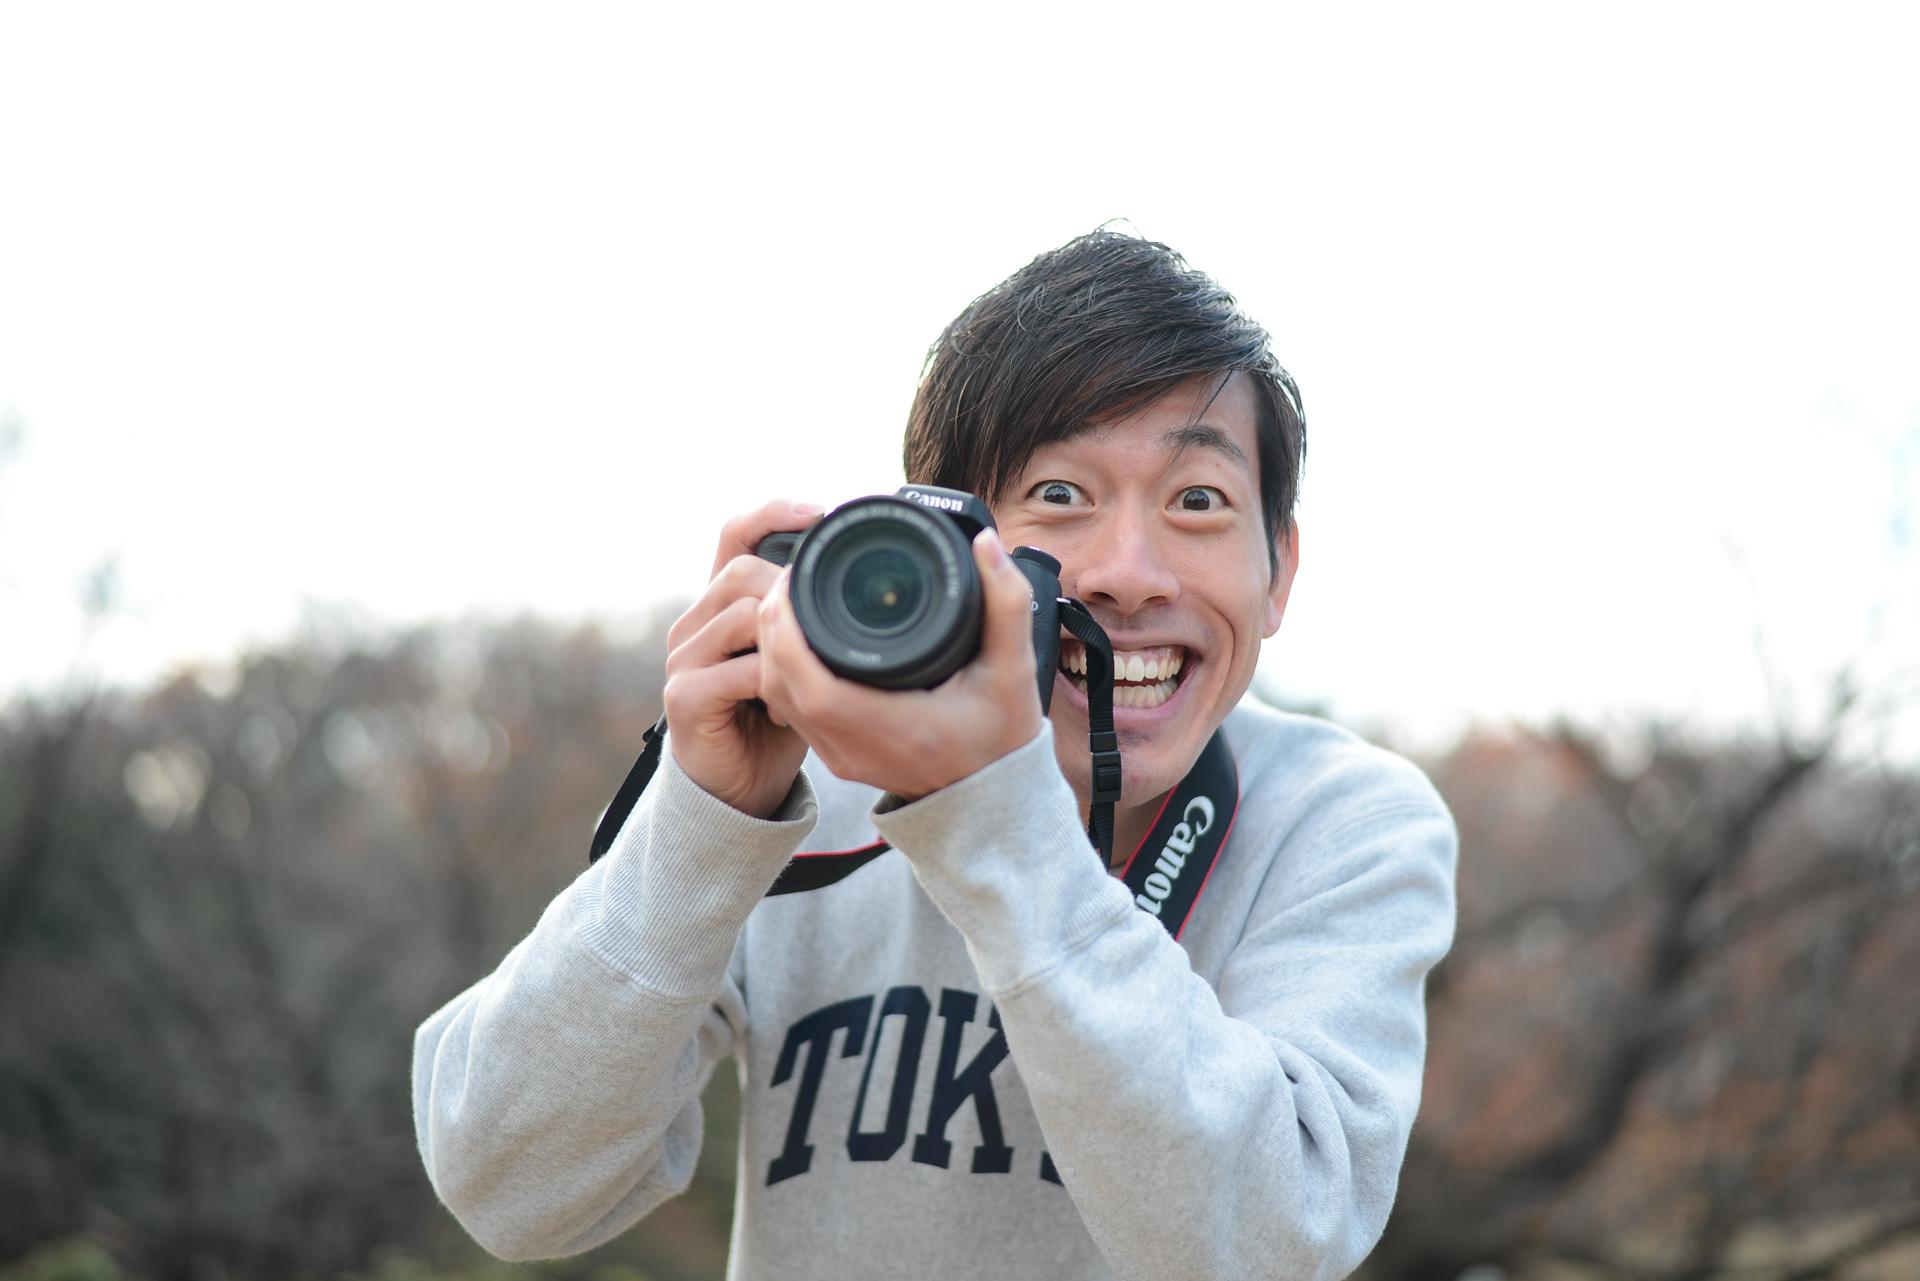 「笑って!!」と必死で訴えるカメラマン